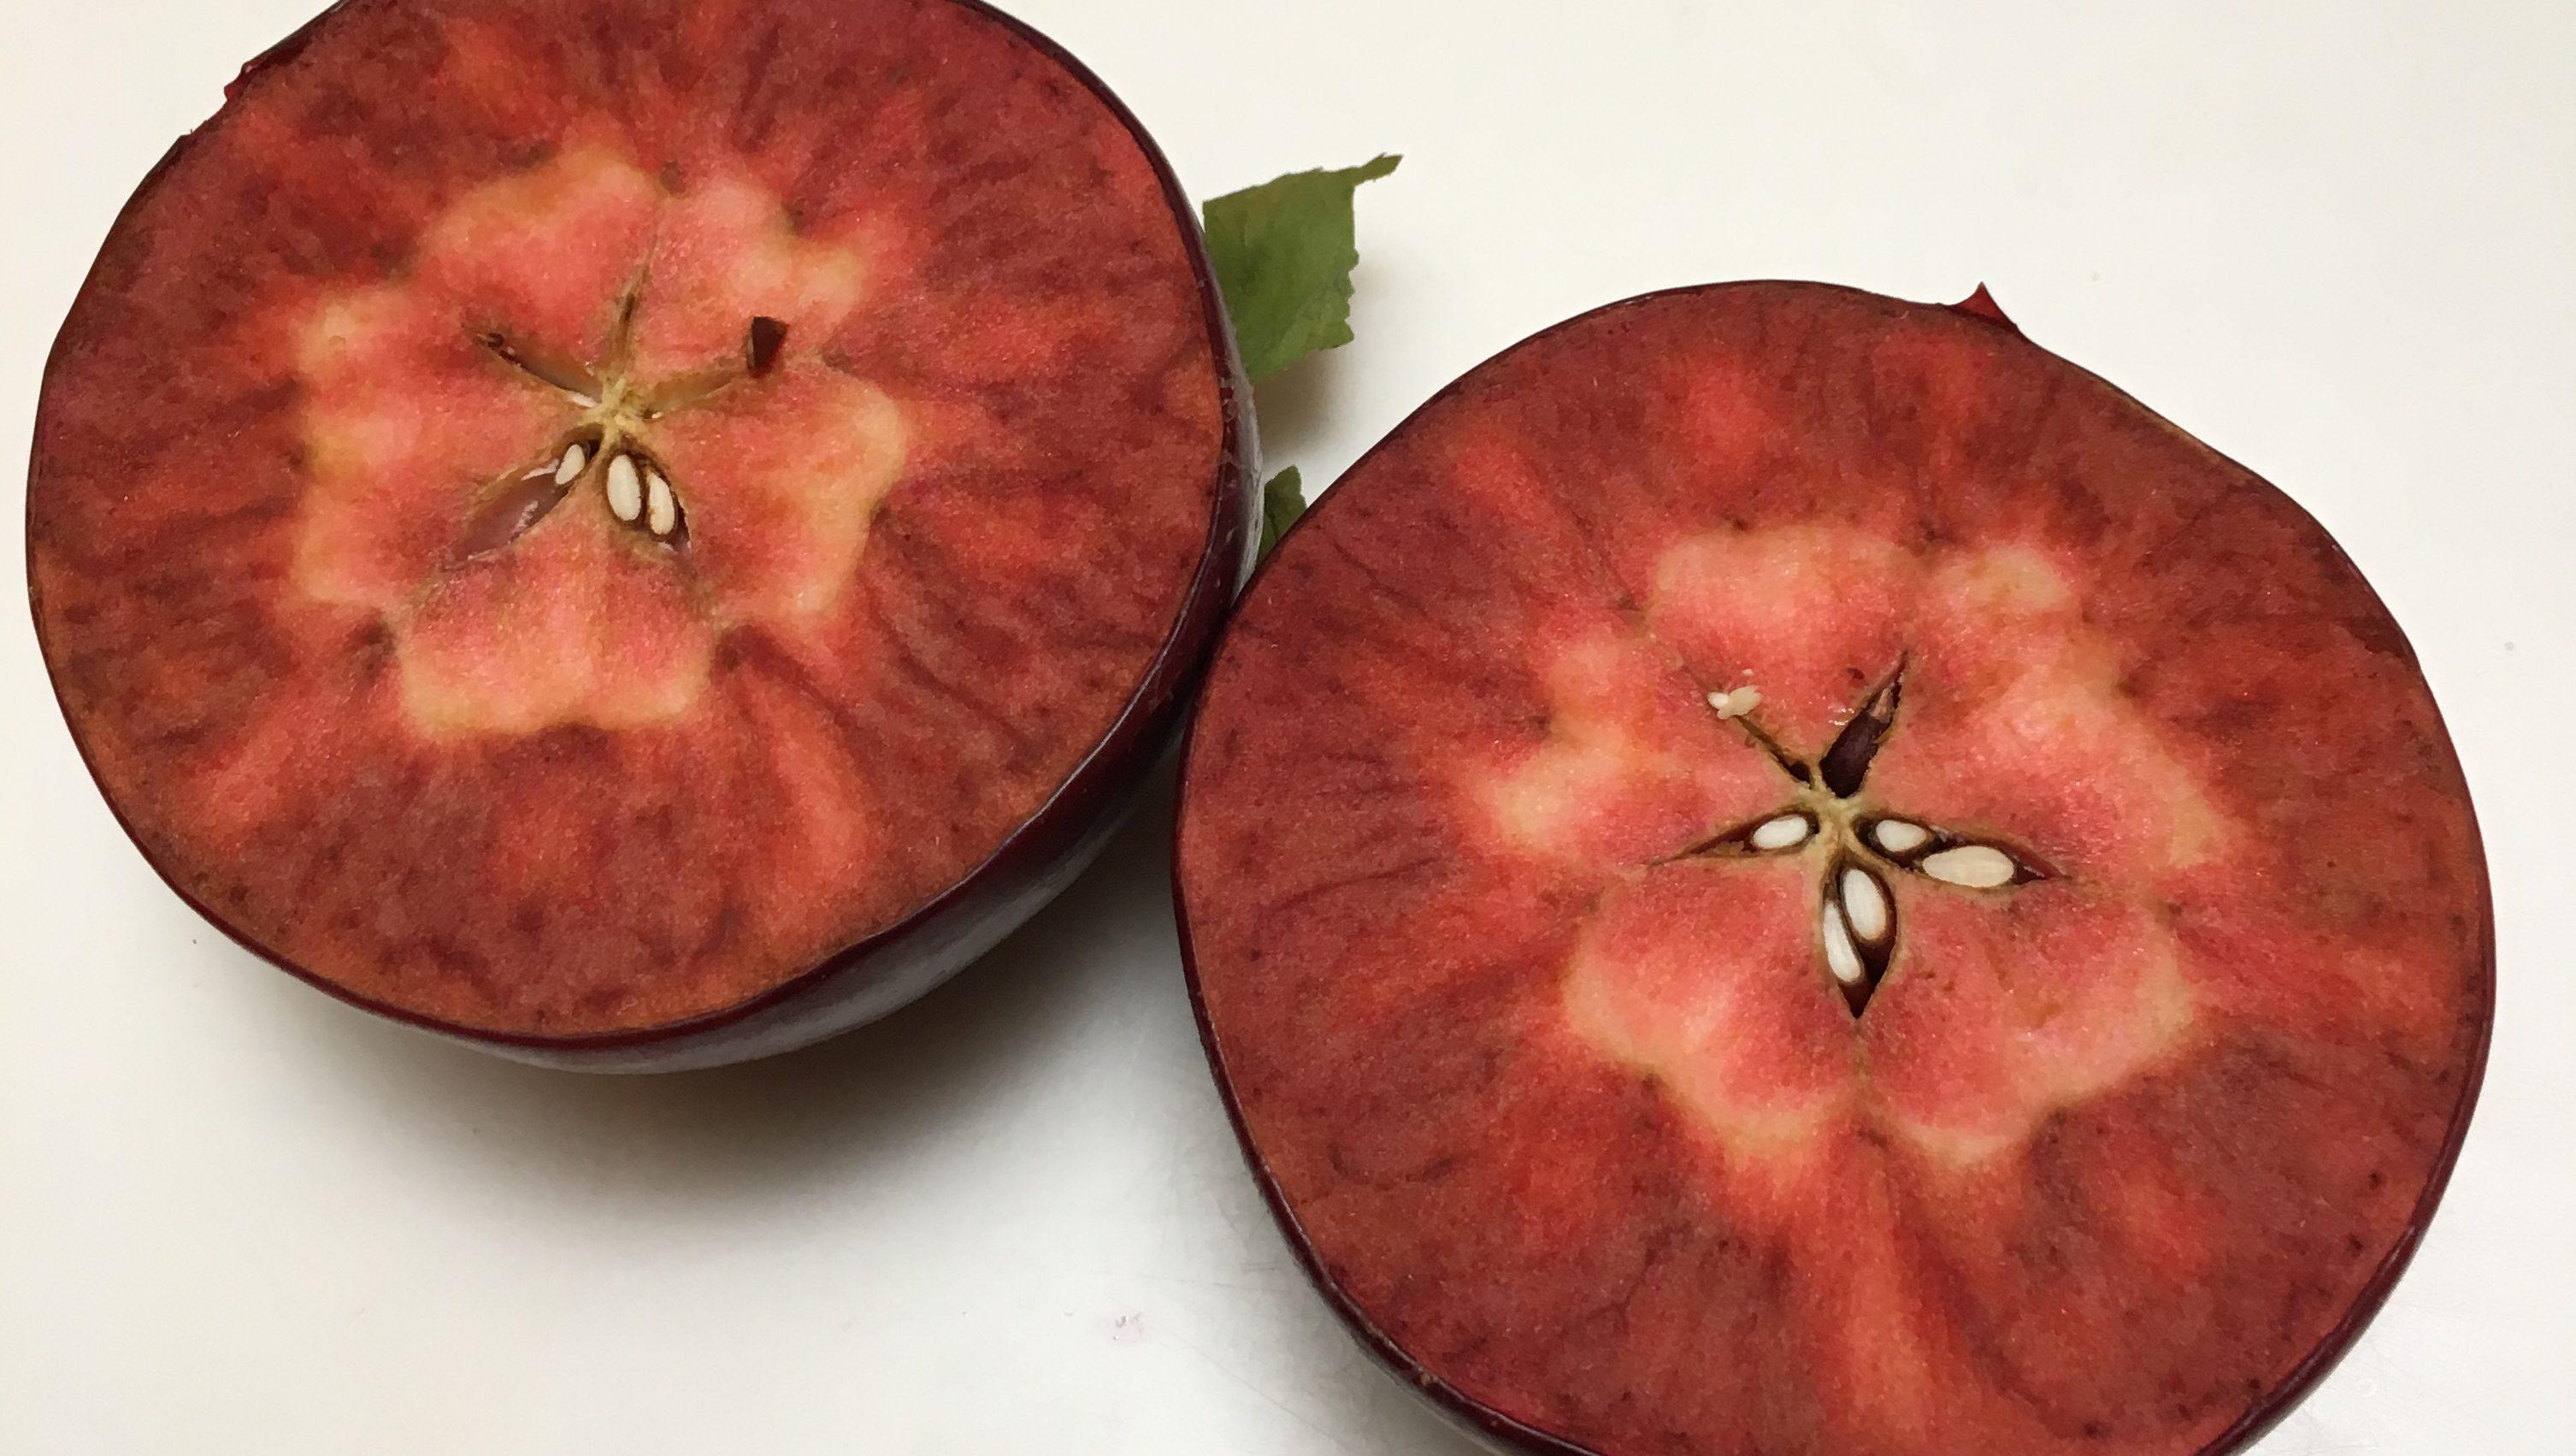 A Niedwetzkyana apple.